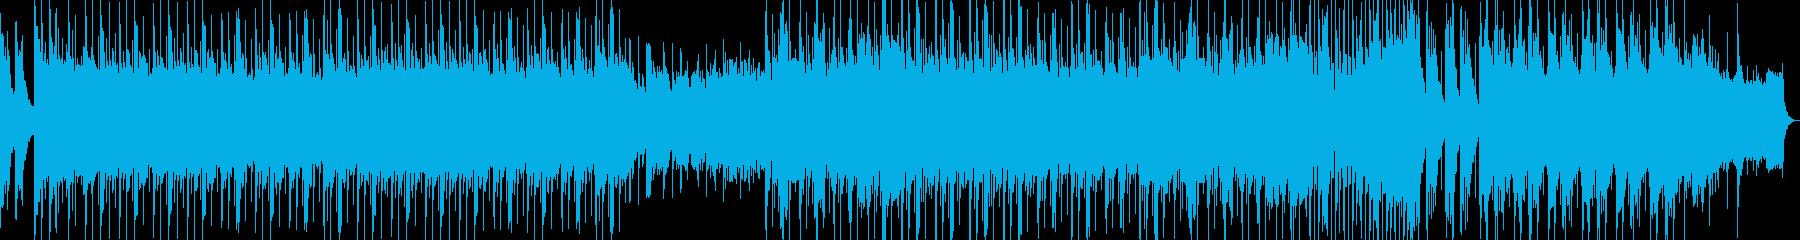 和風春琴オーケストラ穏やかゆったりBGMの再生済みの波形